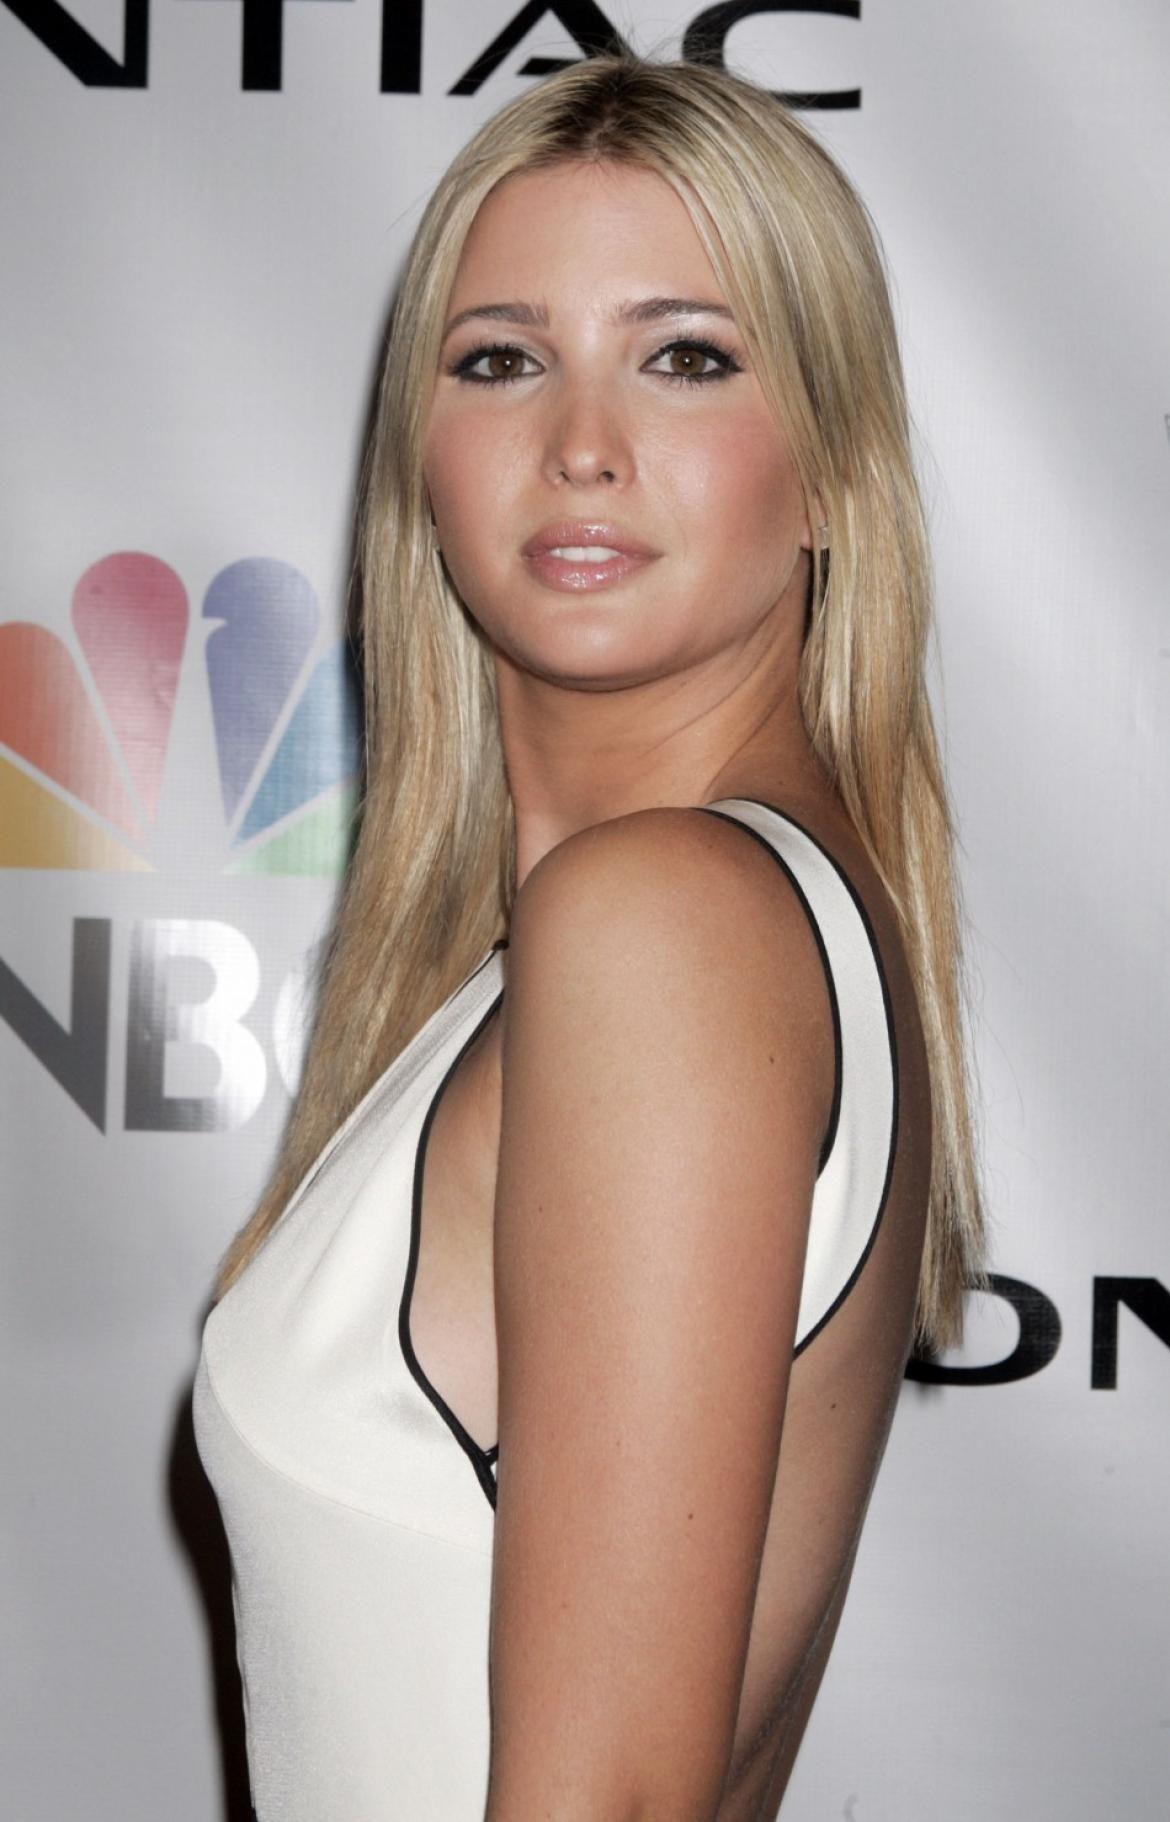 133064 ivanka trump Ivanka Trump Plastic Surgery # ... Ivanka Trump